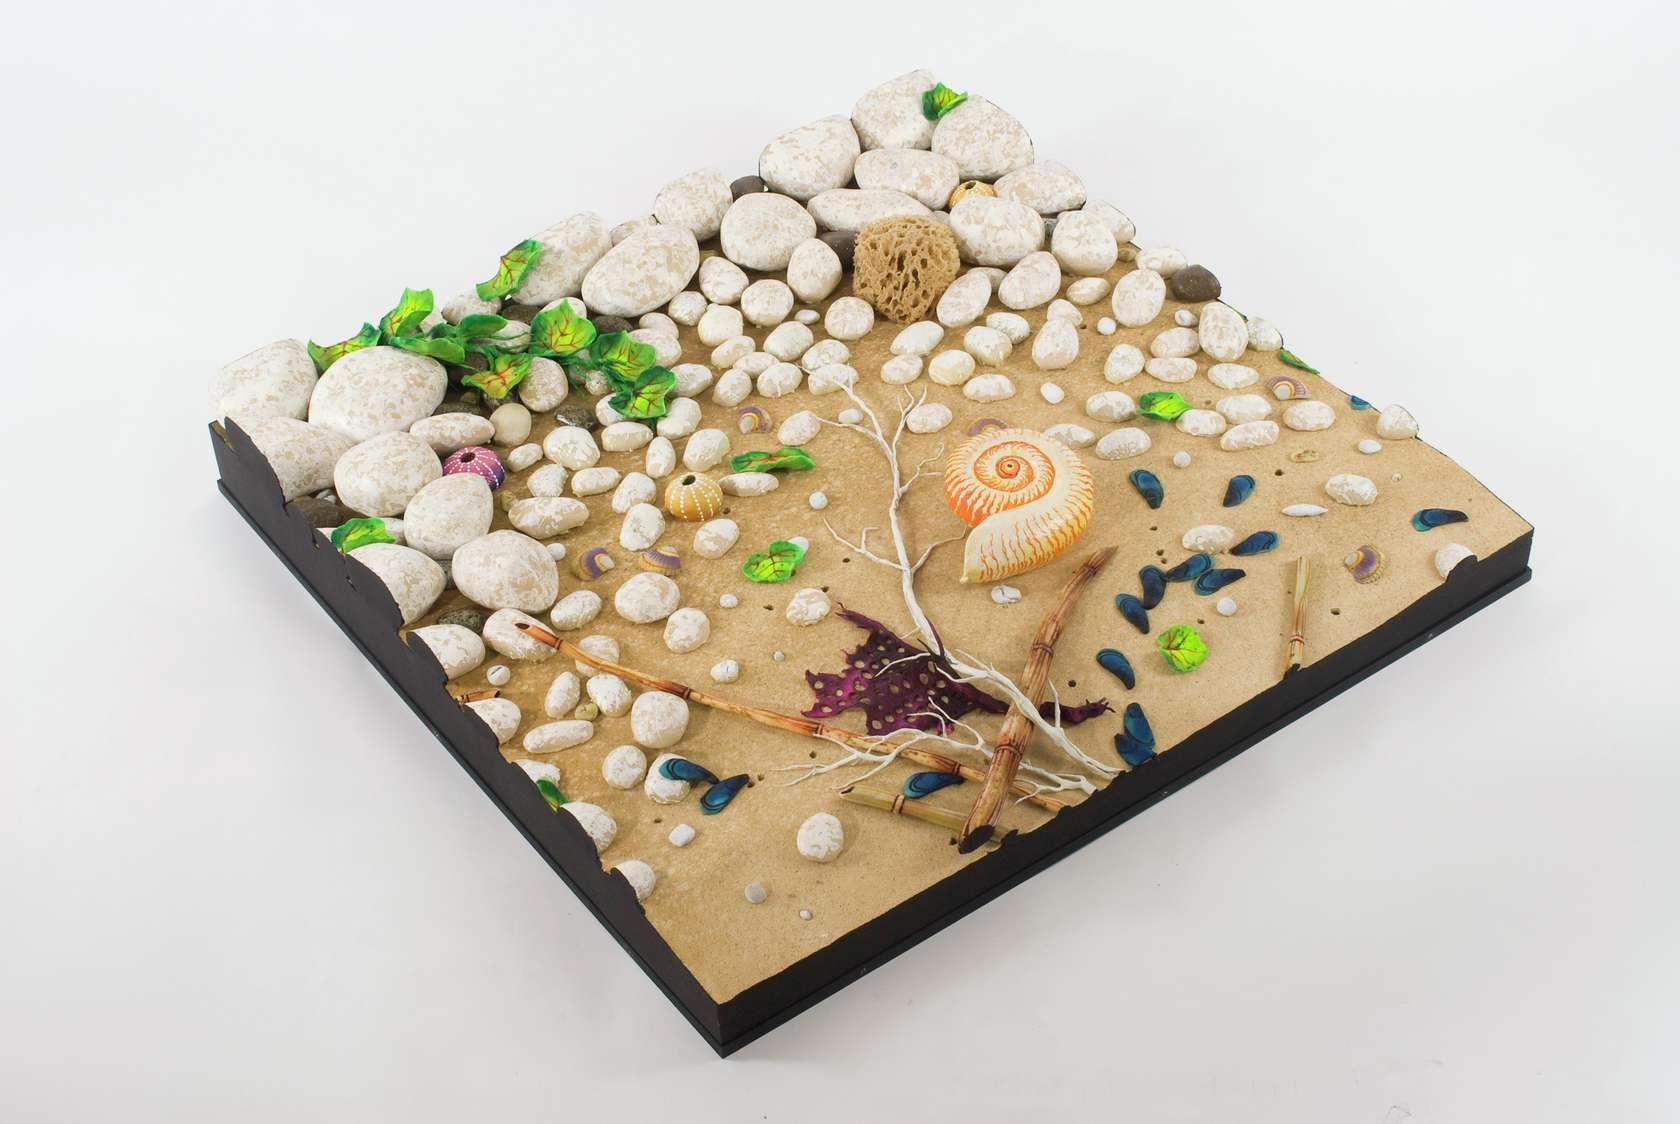 Piero Gilardi, Spiaggia con Nautilus, 2009 Mousse de polyuréthane100 x 100 x 20 cm / 39 3/8 x 39 3/8 x 7 7/8 inches